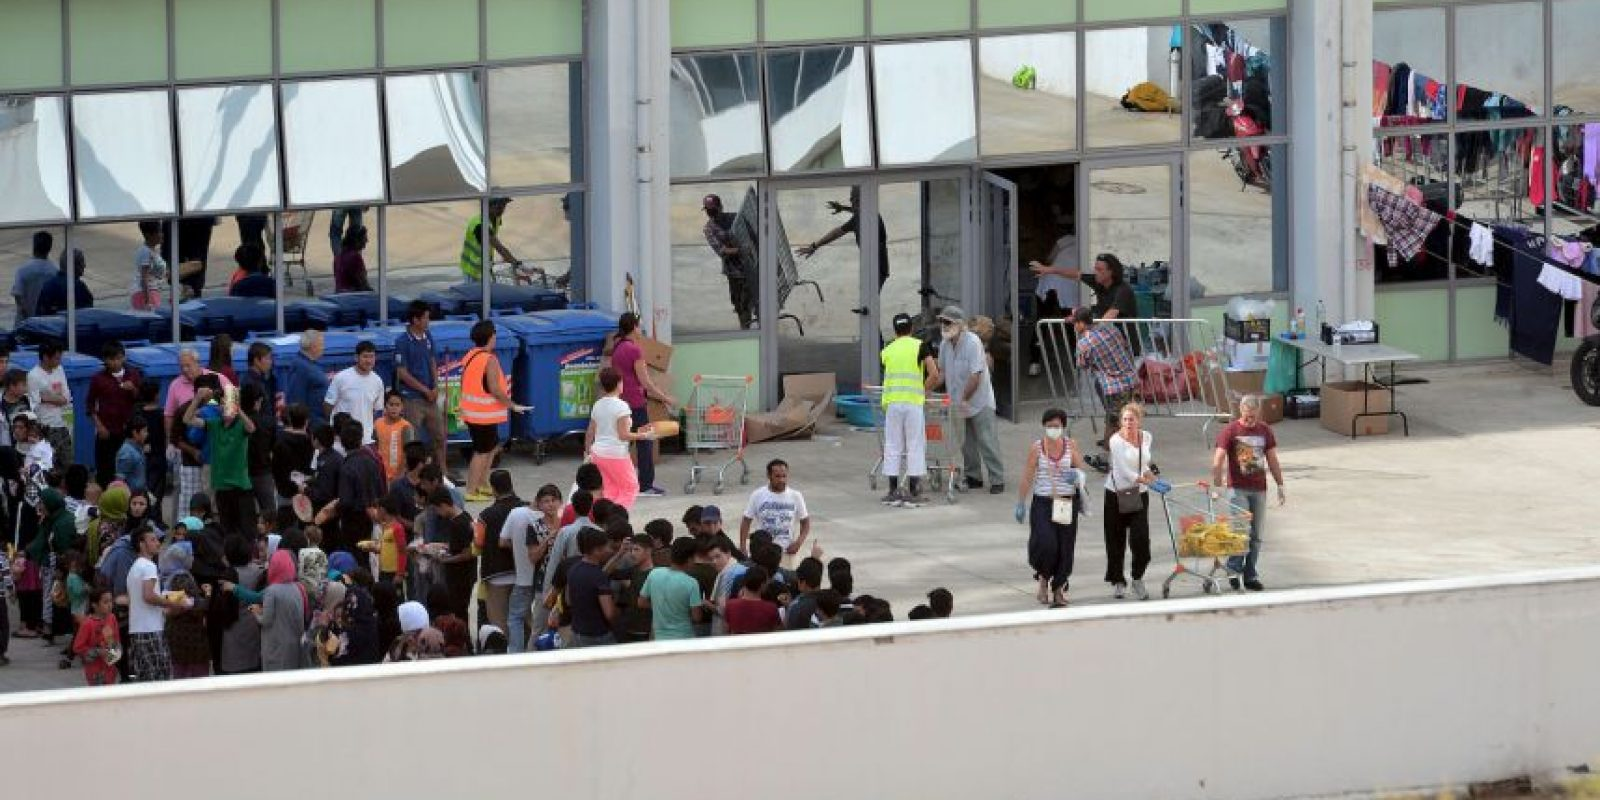 En Atenas, Grecia, reutilizarán algunos complejos olímpicos para alojar a migrantes Foto:Getty Images